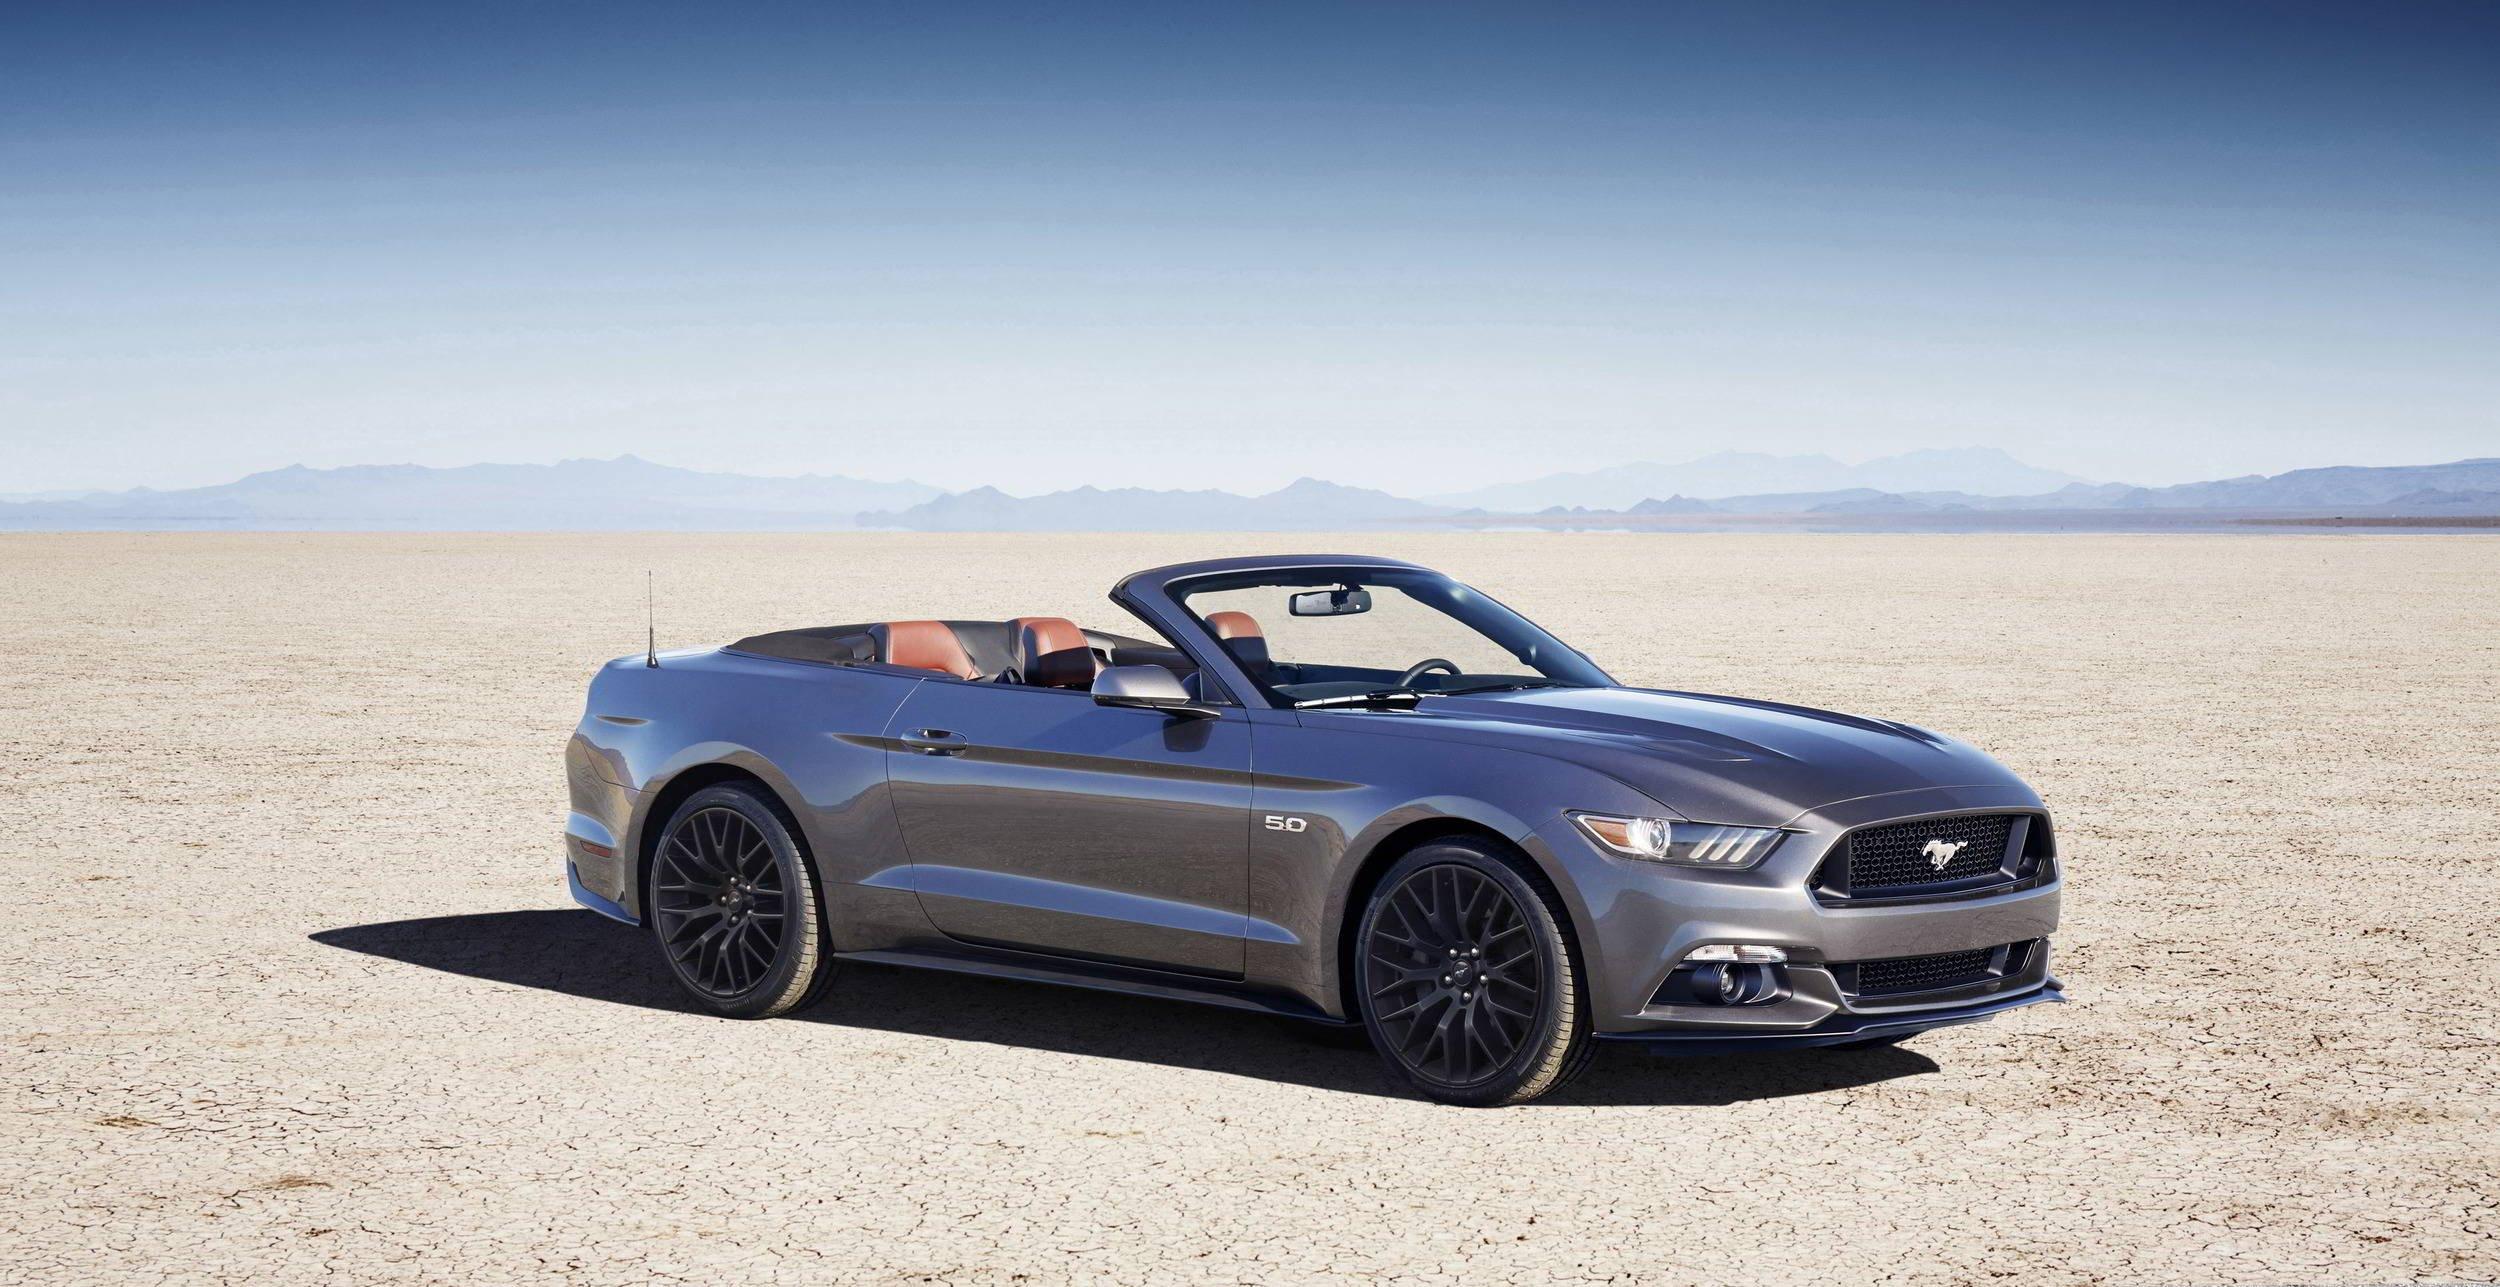 Продажа Ford Mustang (Форд Мустанг) в России